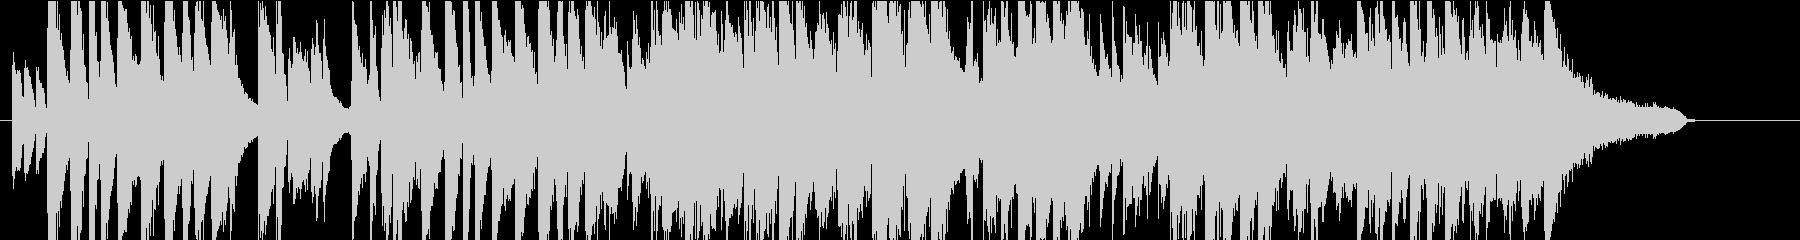 明くて軽快なジャズ・デュエットの未再生の波形